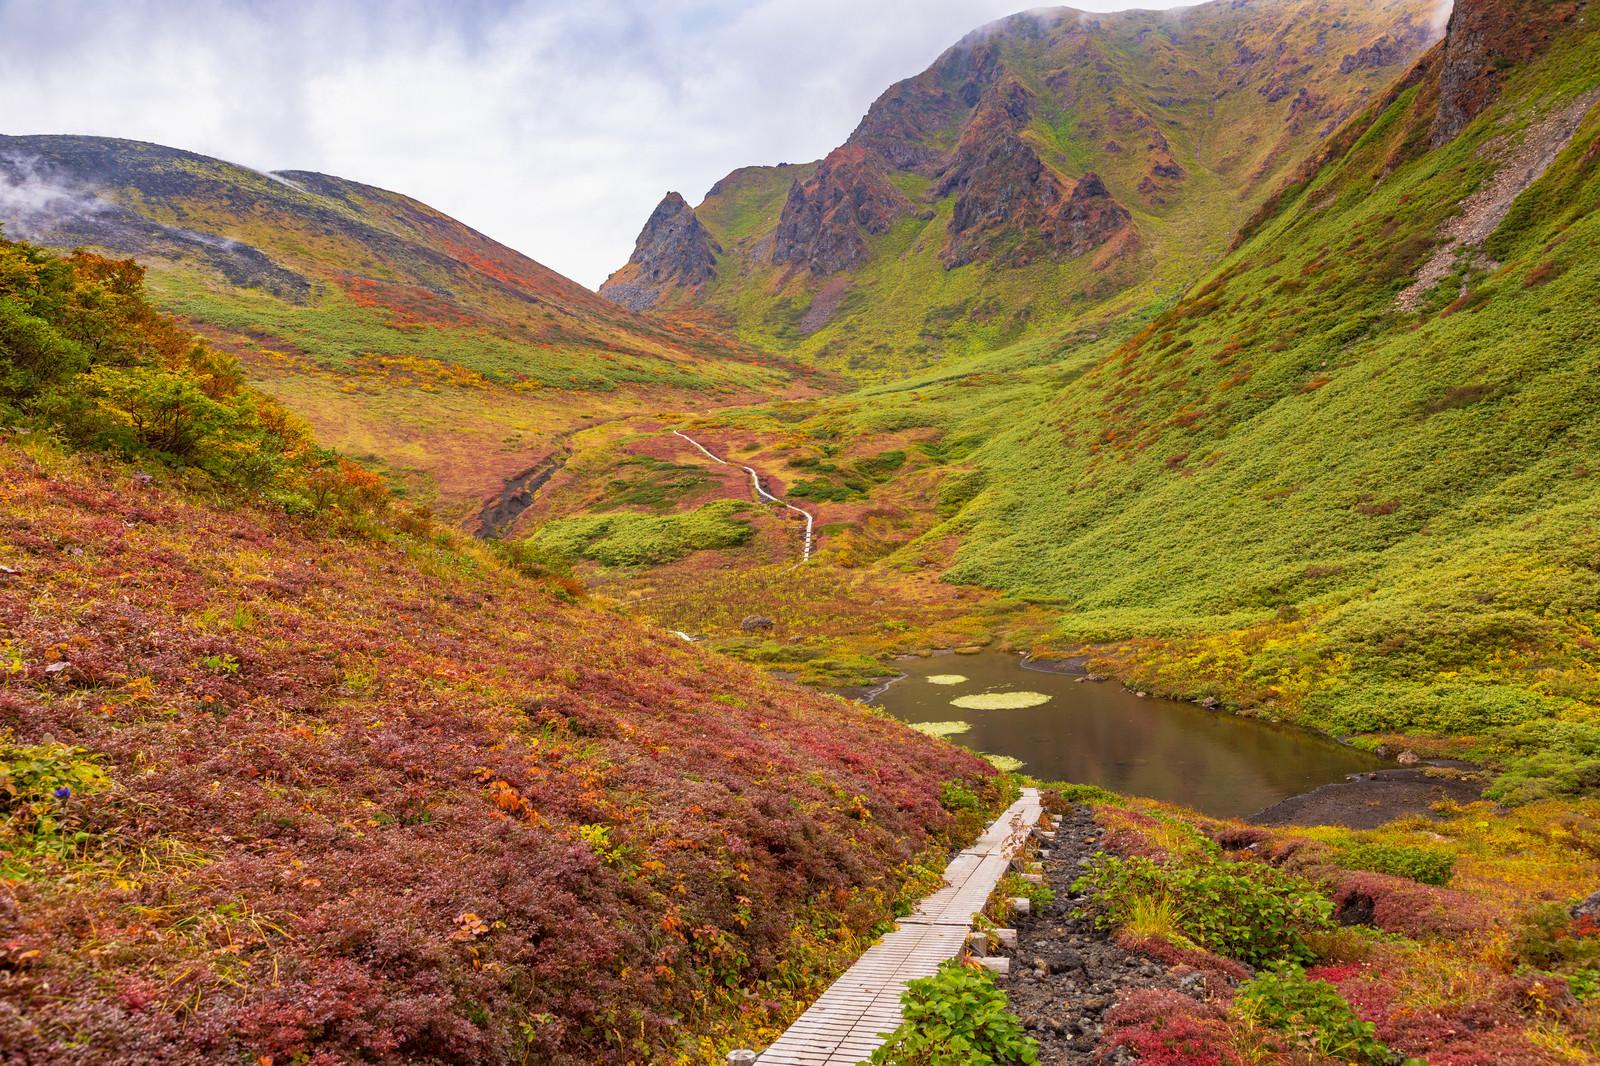 「ムーミン谷にある木道の登山道(駒ケ岳)」の写真